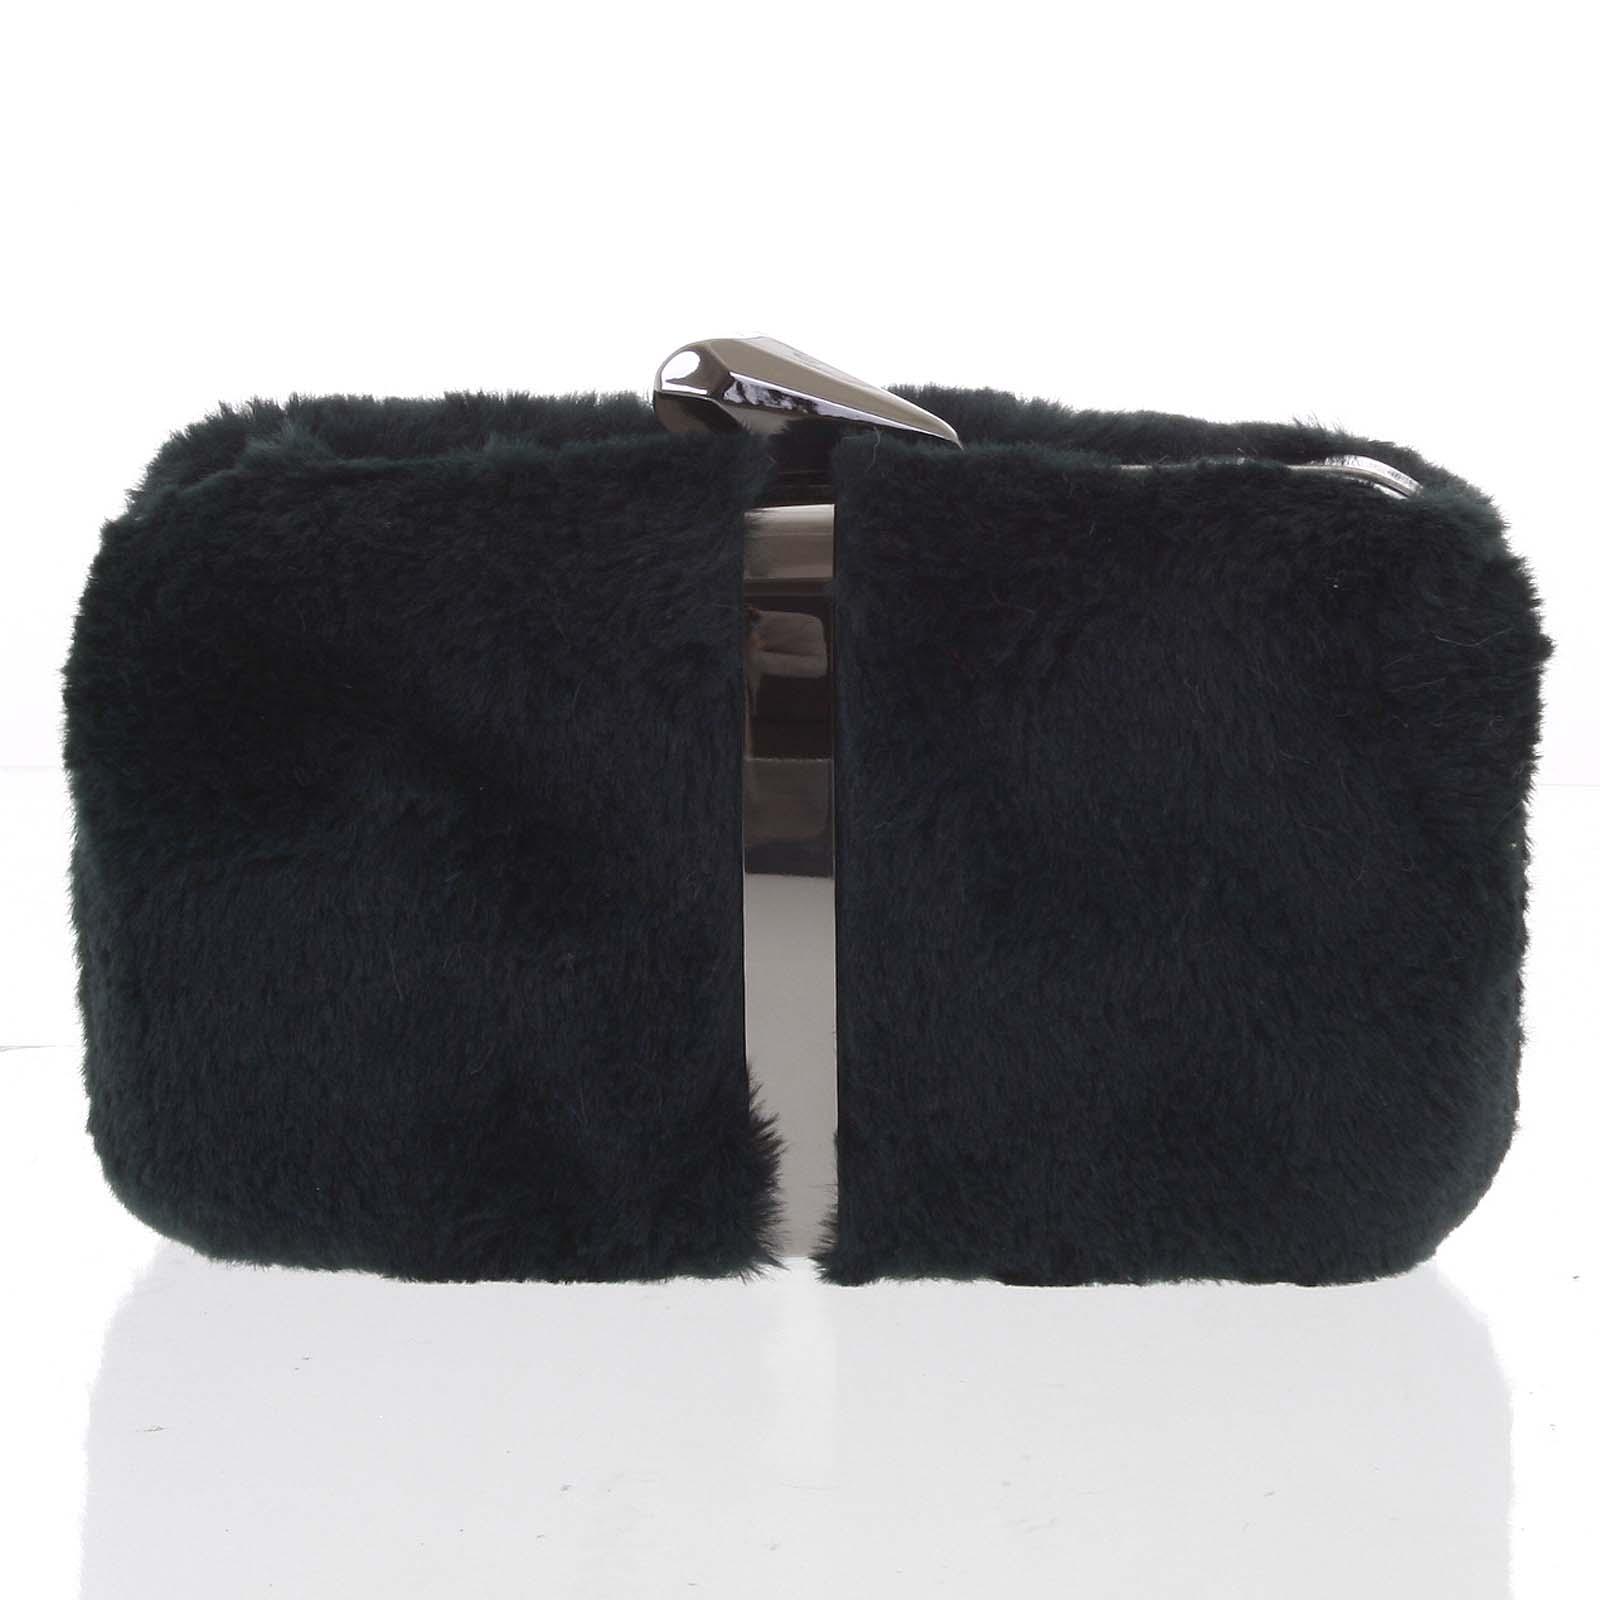 Originálna dámska tmavozelená plyšová listová kabelka - Delami